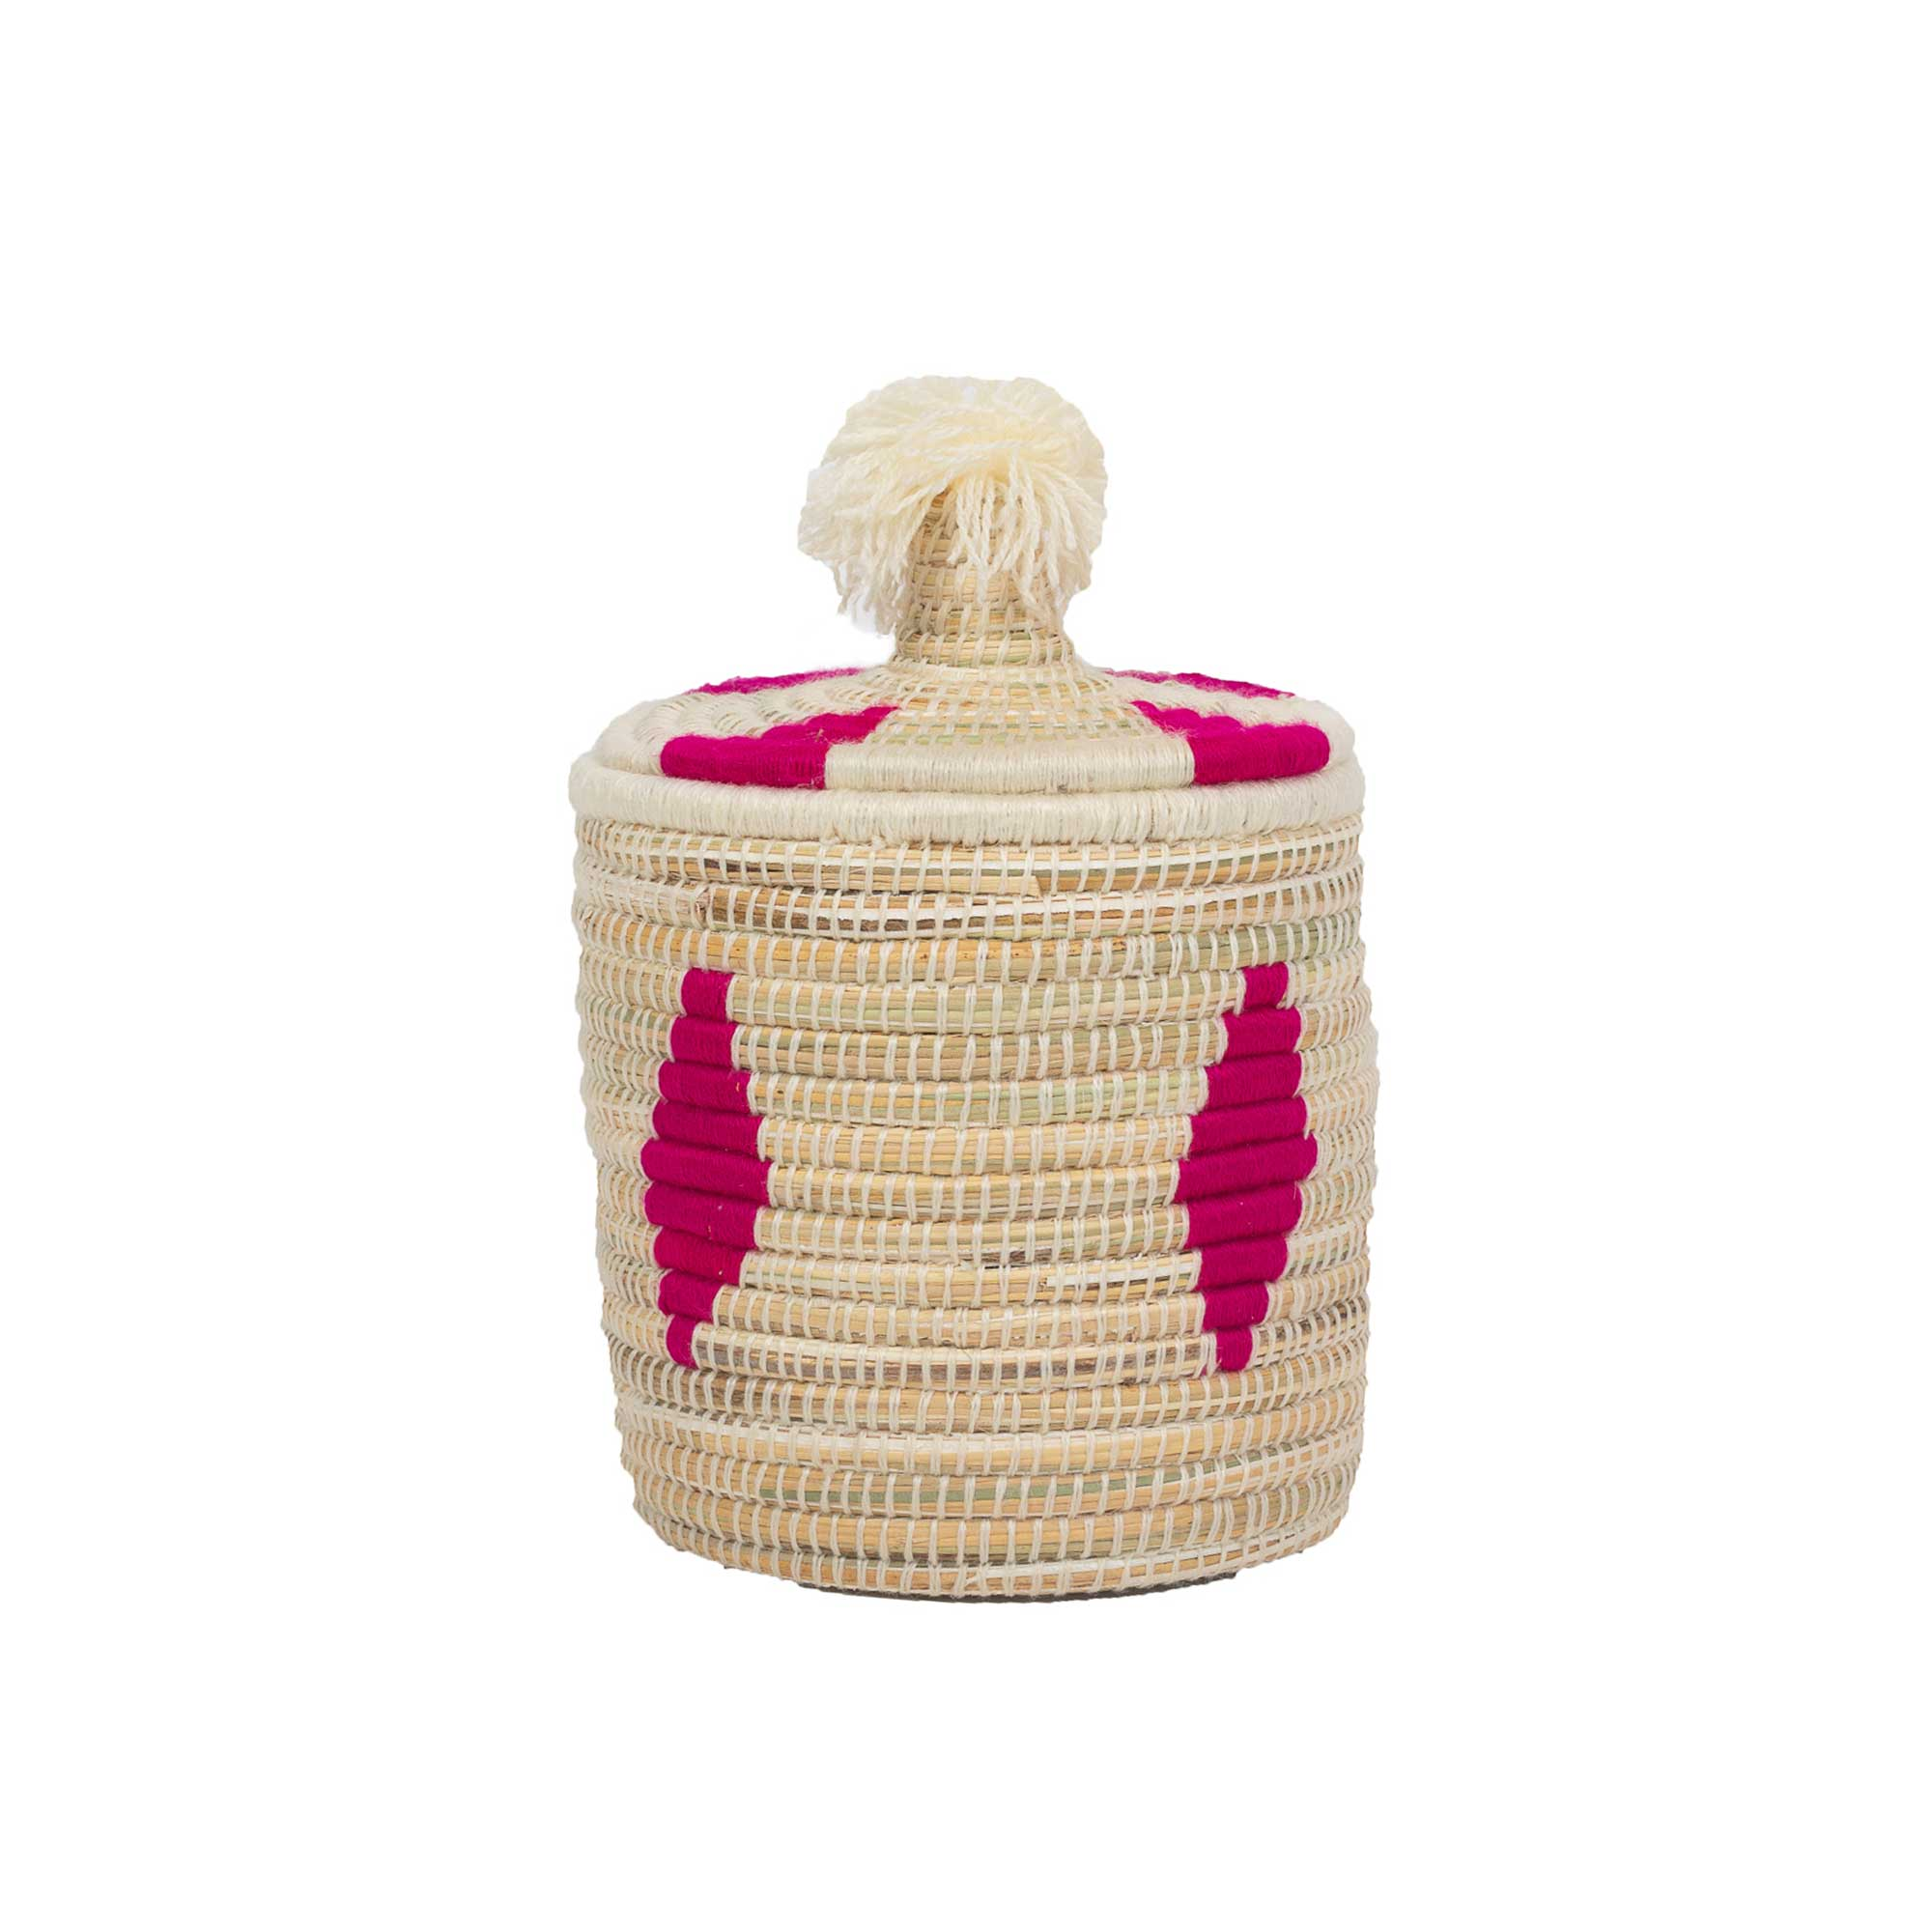 Boîte berbère en laine et osier motif rose